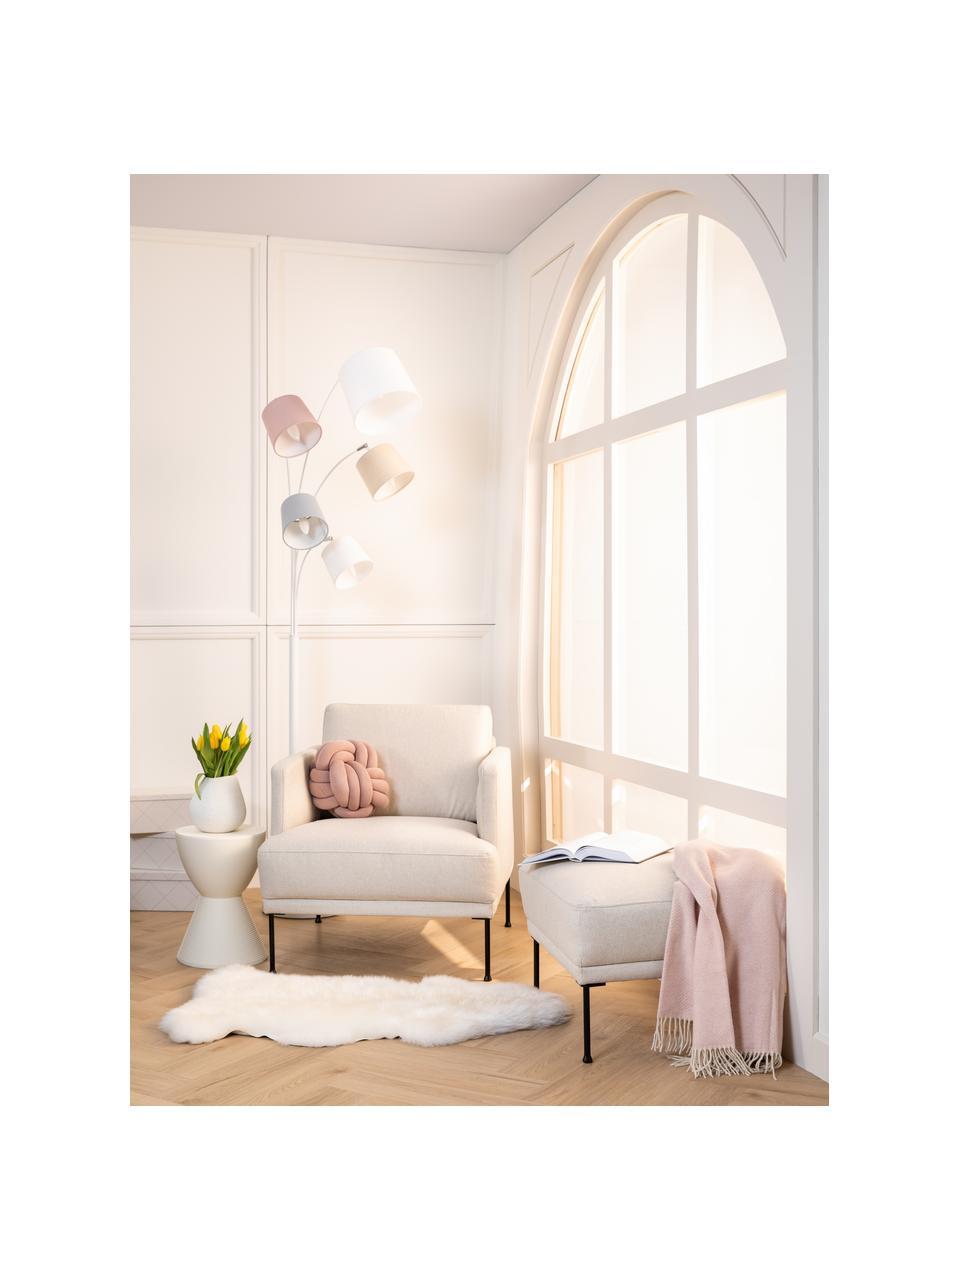 Fauteuil Fluente in beige met metalen poten, Bekleding: 80% polyester, 20% ramie, Frame: massief grenenhout, Poten: gepoedercoat metaal, Geweven stof beige, B 74 x D 85 cm